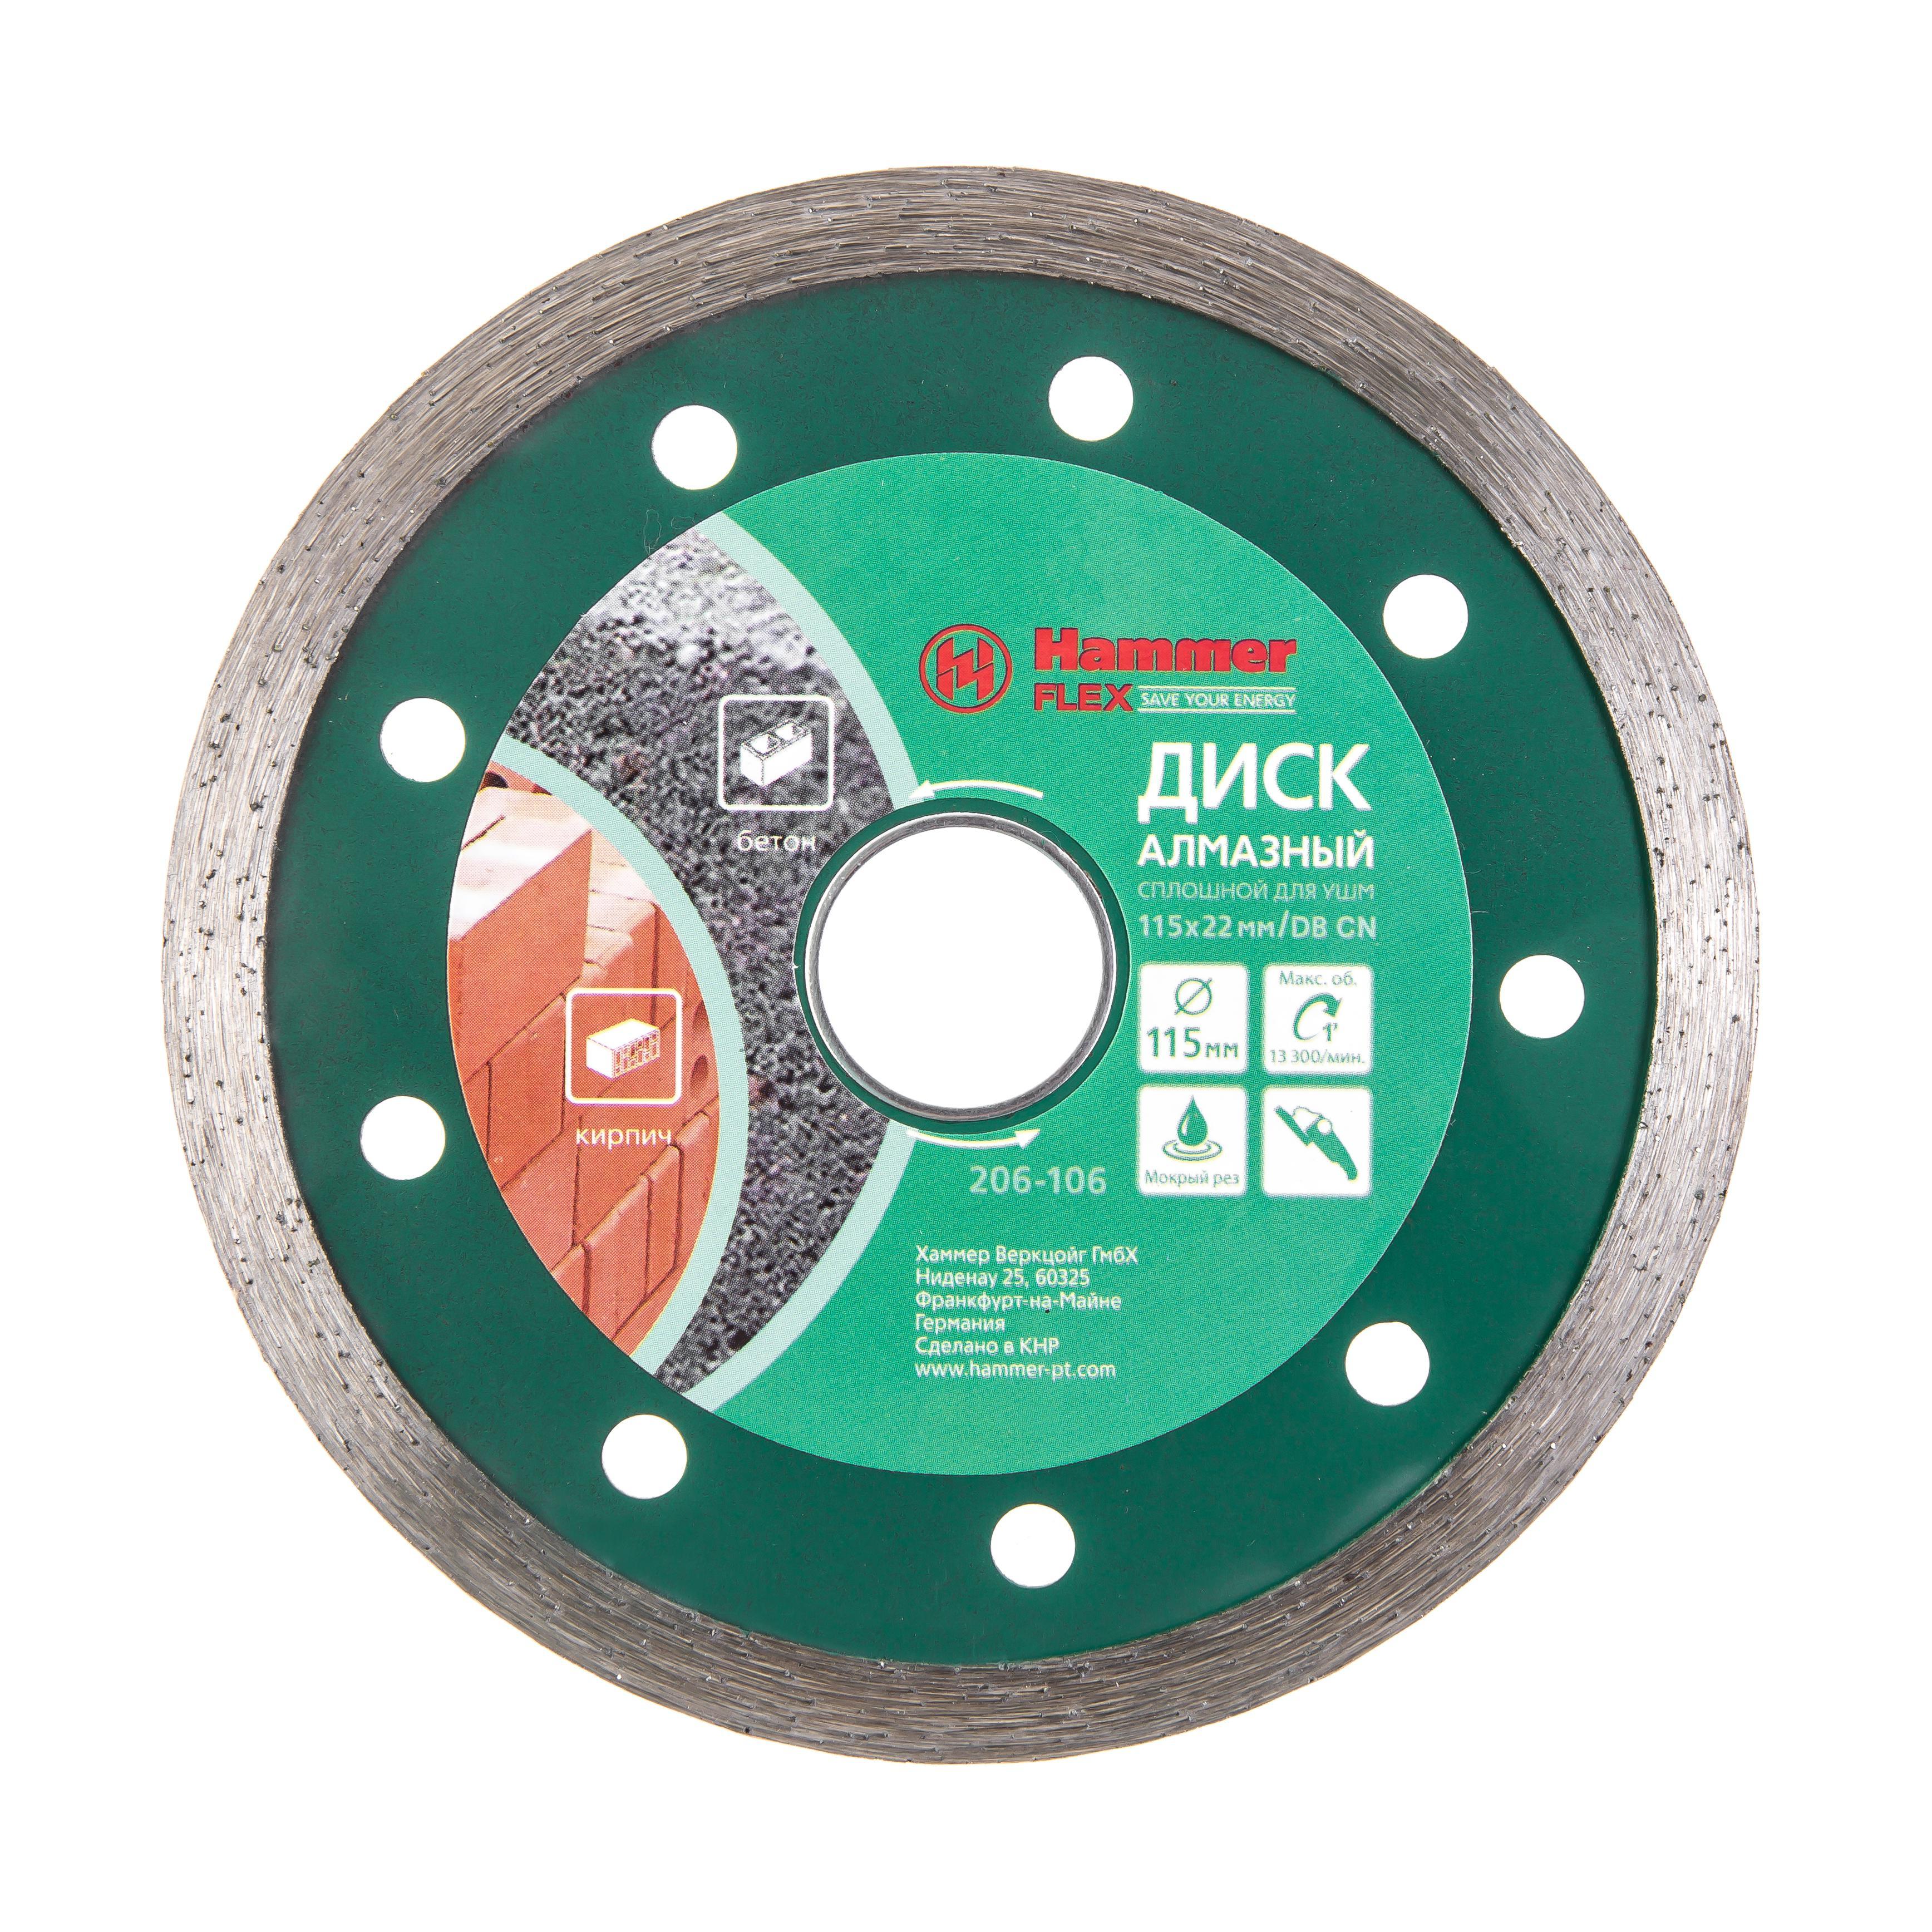 Круг алмазный Hammer 206-106 db cn круг отрезной hammer flex 115 x 1 0 x 22 по металлу и нержавеющей стали 25шт